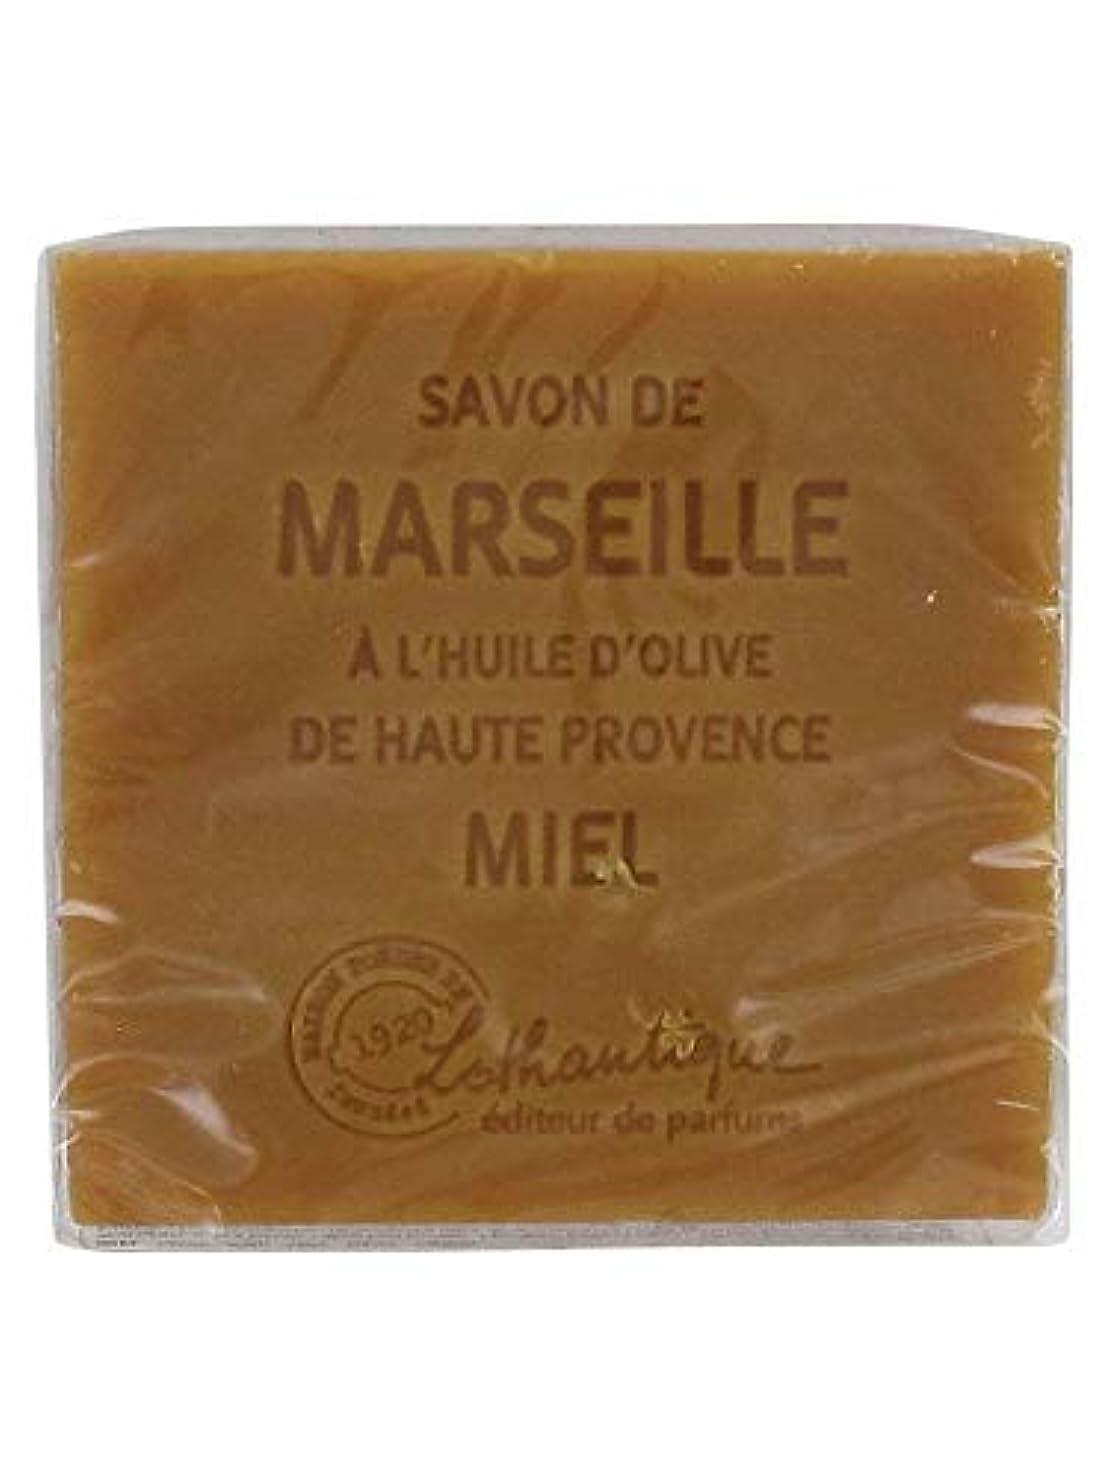 ゴミ箱を空にするフロントけがをするLothantique(ロタンティック) Les savons de Marseille(マルセイユソープ) マルセイユソープ 100g 「ハニー」 3420070038074